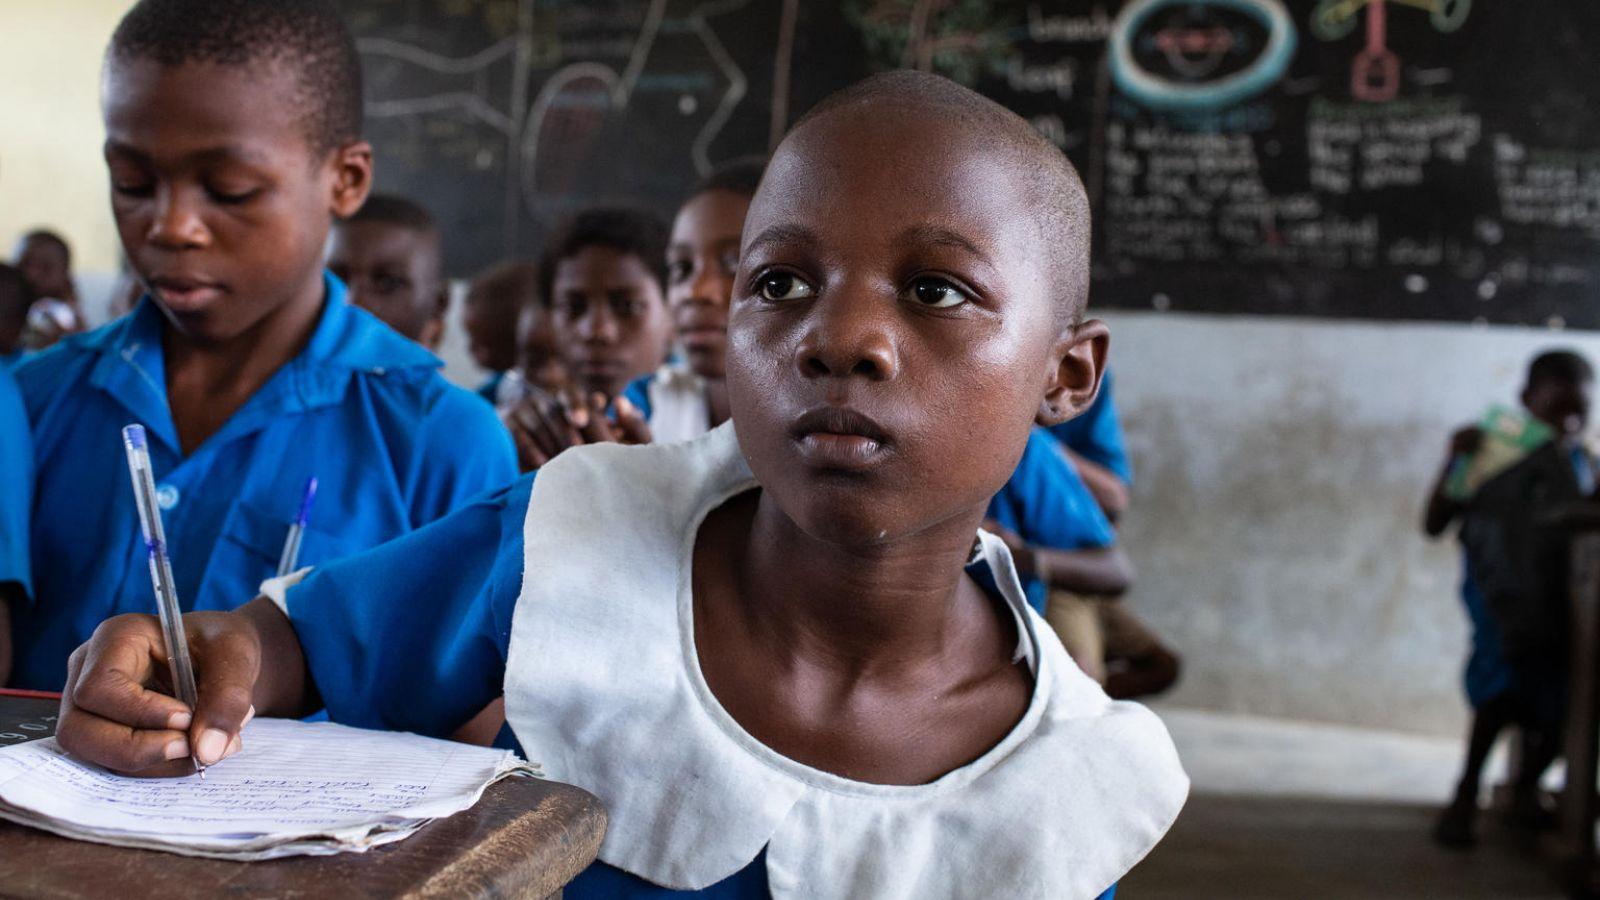 © UNICEF/UN0329164/Bindra